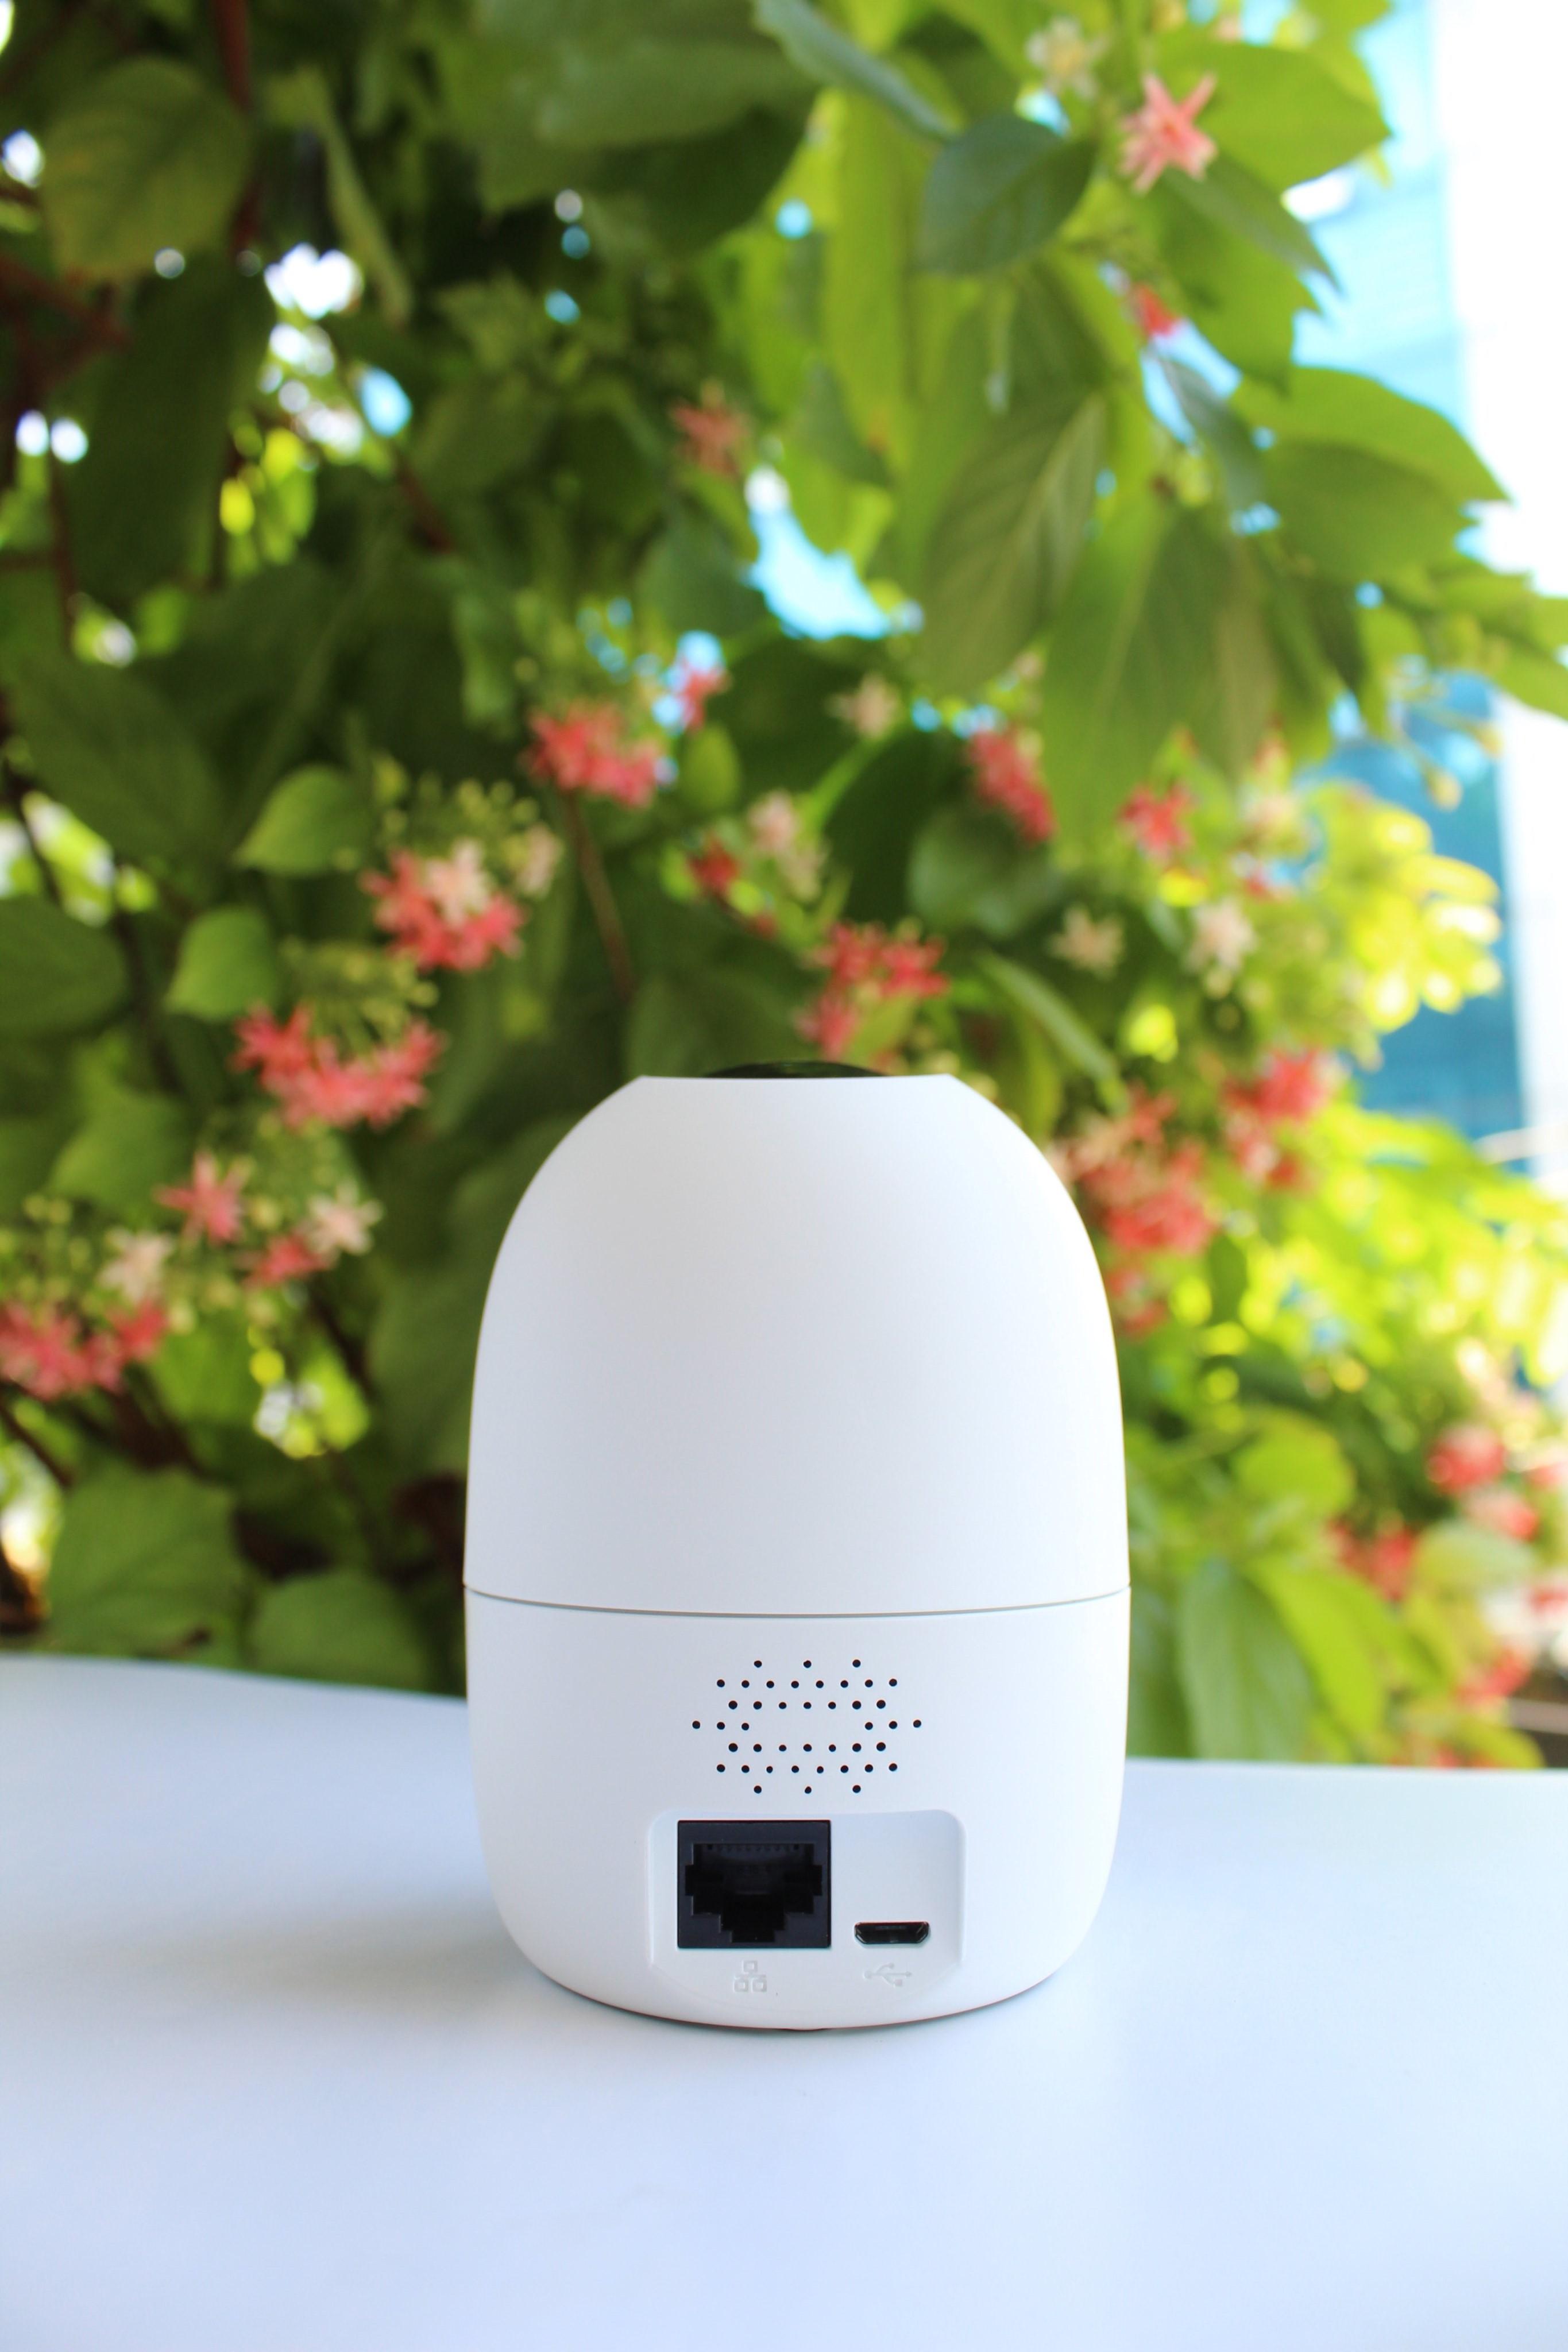 Camera IP Wifi  KBONE KN-H21PW 2.0  Full HD 1080P - Hàng Chính Hãng